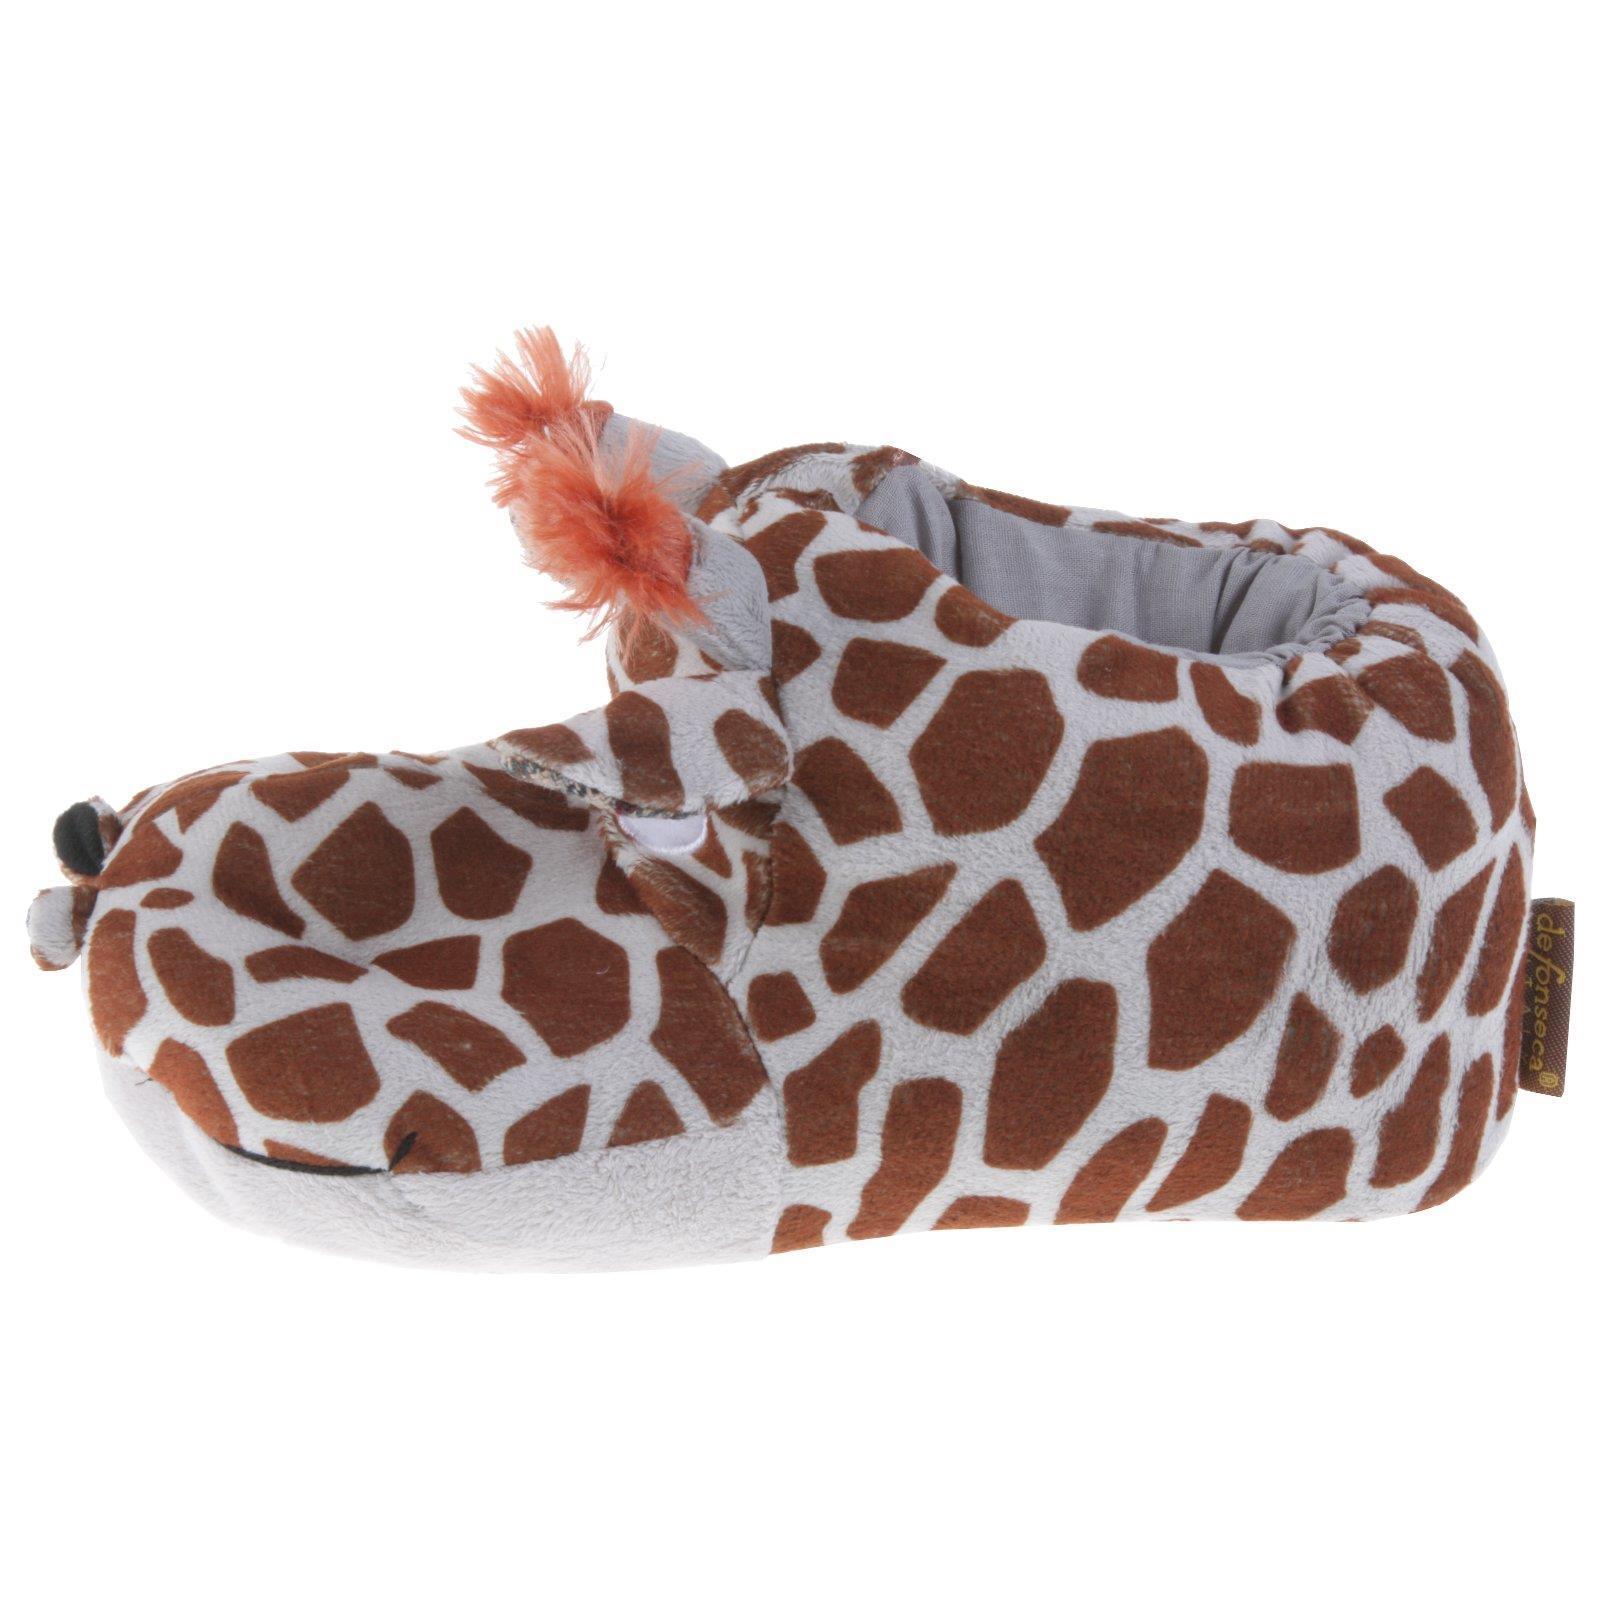 Tierhausschuhe Pantoffel Schlappen Kuscheltier Plüsch Giraffe Elch Pinguin Wolf